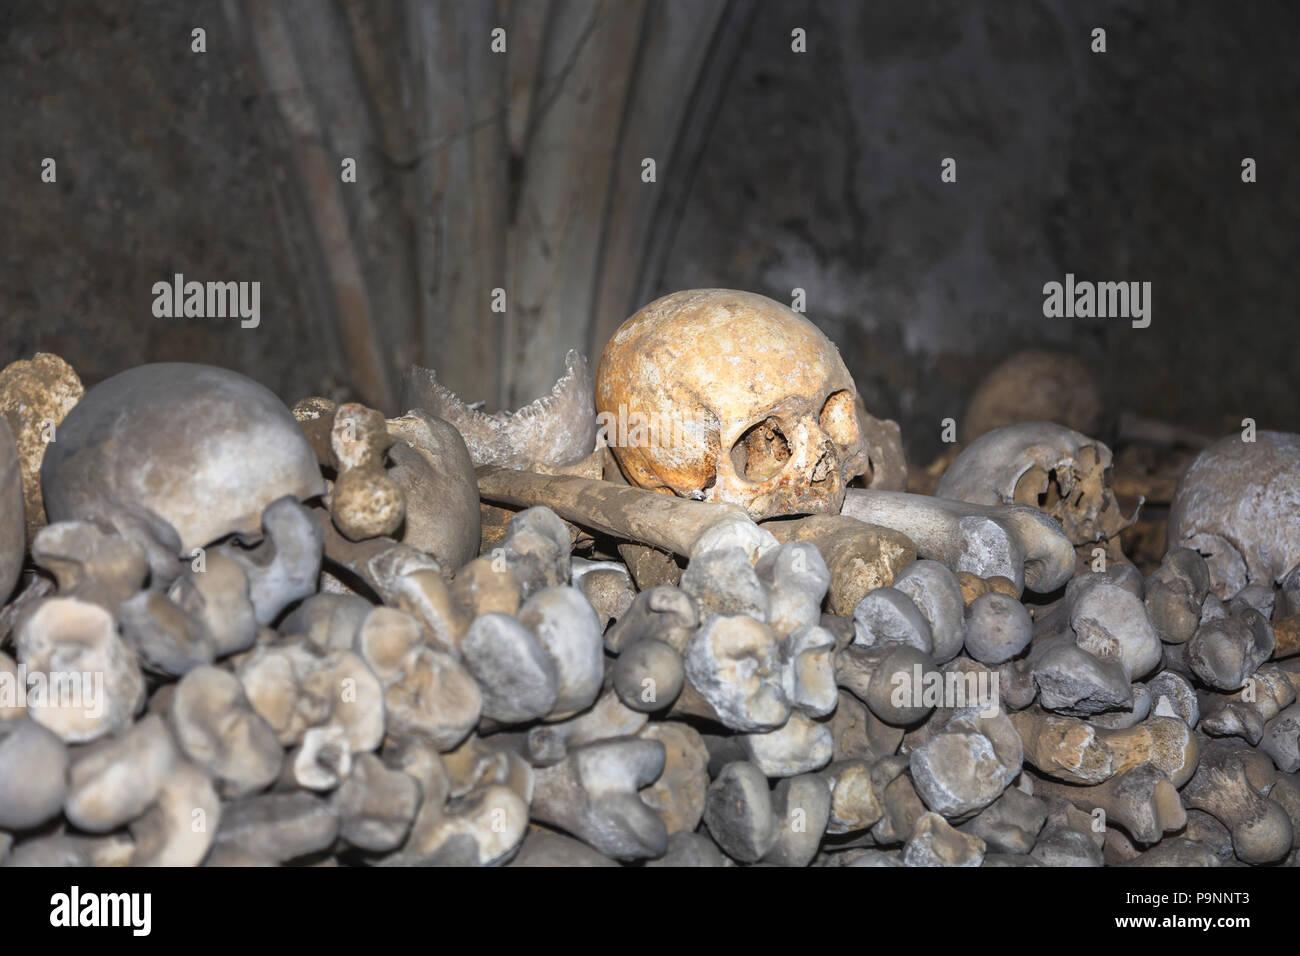 Église St Leonard's dans la ville de Cinque Port Hythe, dans le Kent contient un ossuaire inhabituelle avec des tas de crânes humains et des os Banque D'Images